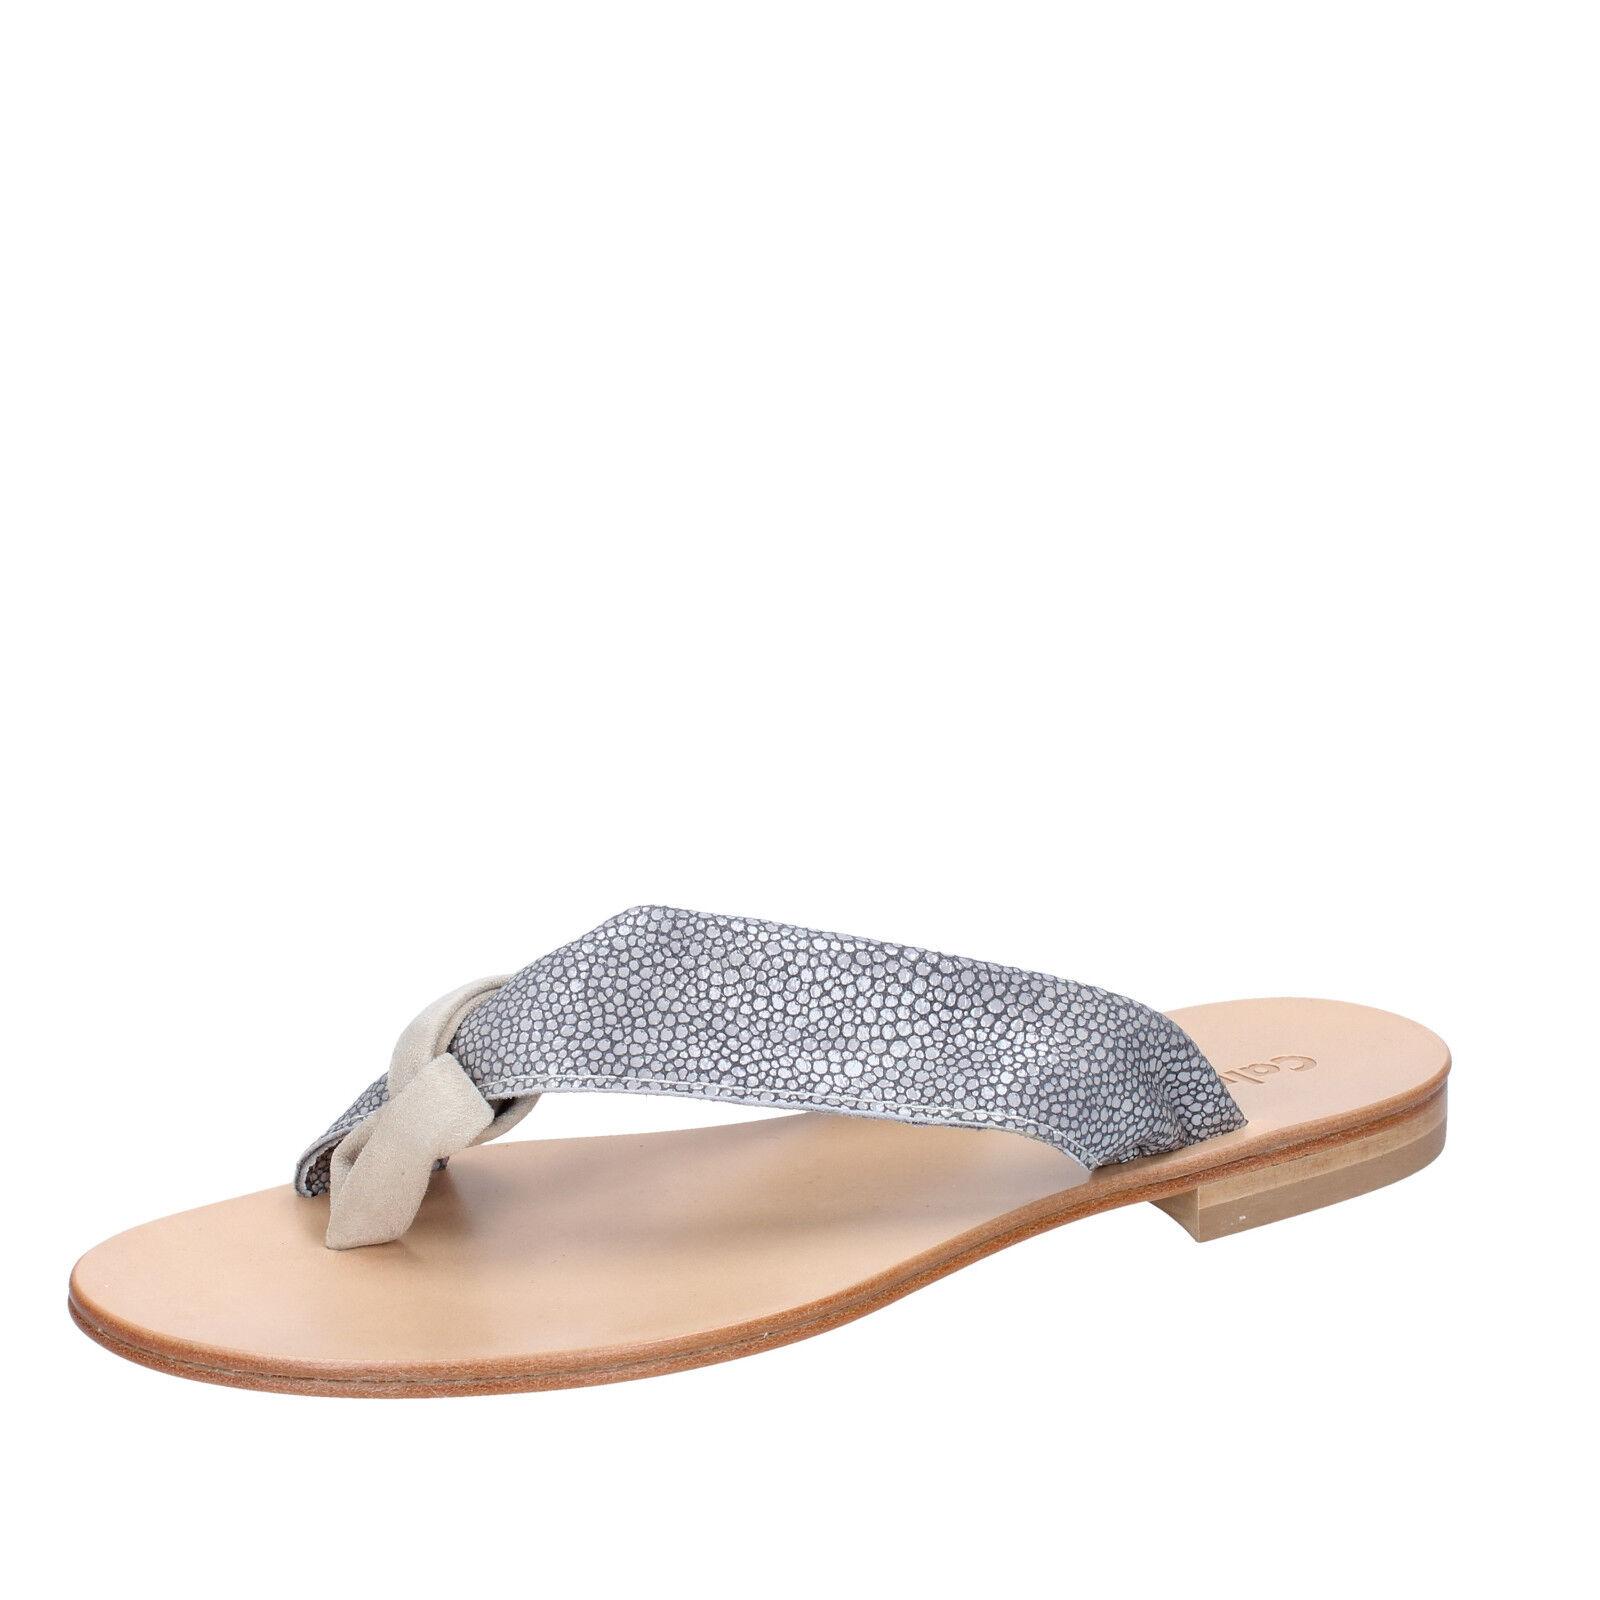 Scarpe donna CALPIERRE 40 EU sandali infradito grigio camoscio BZ880-F